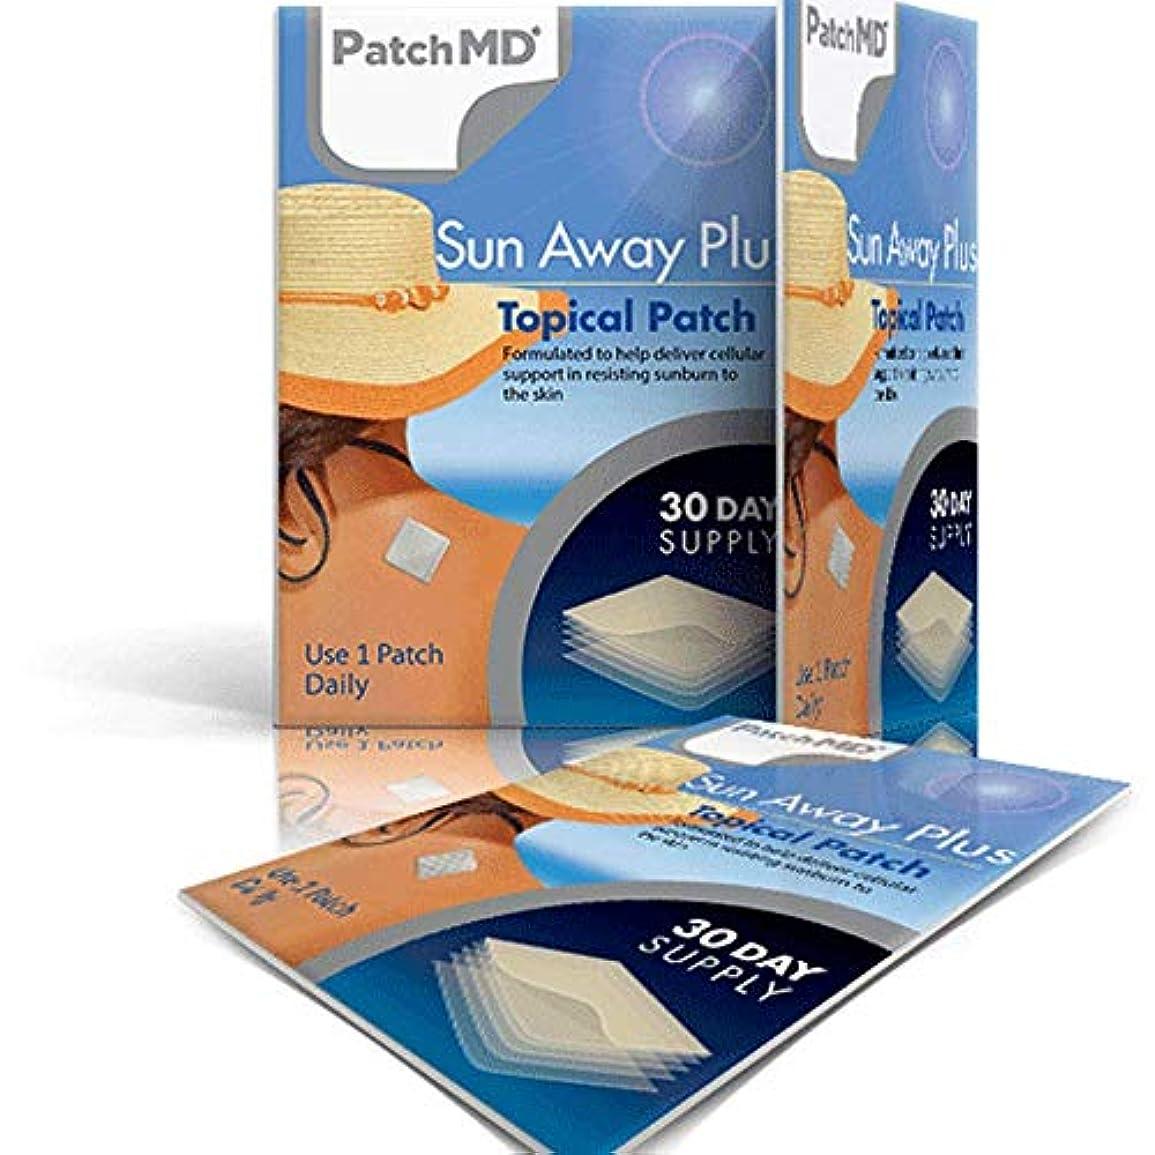 一回電球ローブパッチMD サンアウェイプラス 30パッチ 1袋 Sun Away Plus Topical Patch